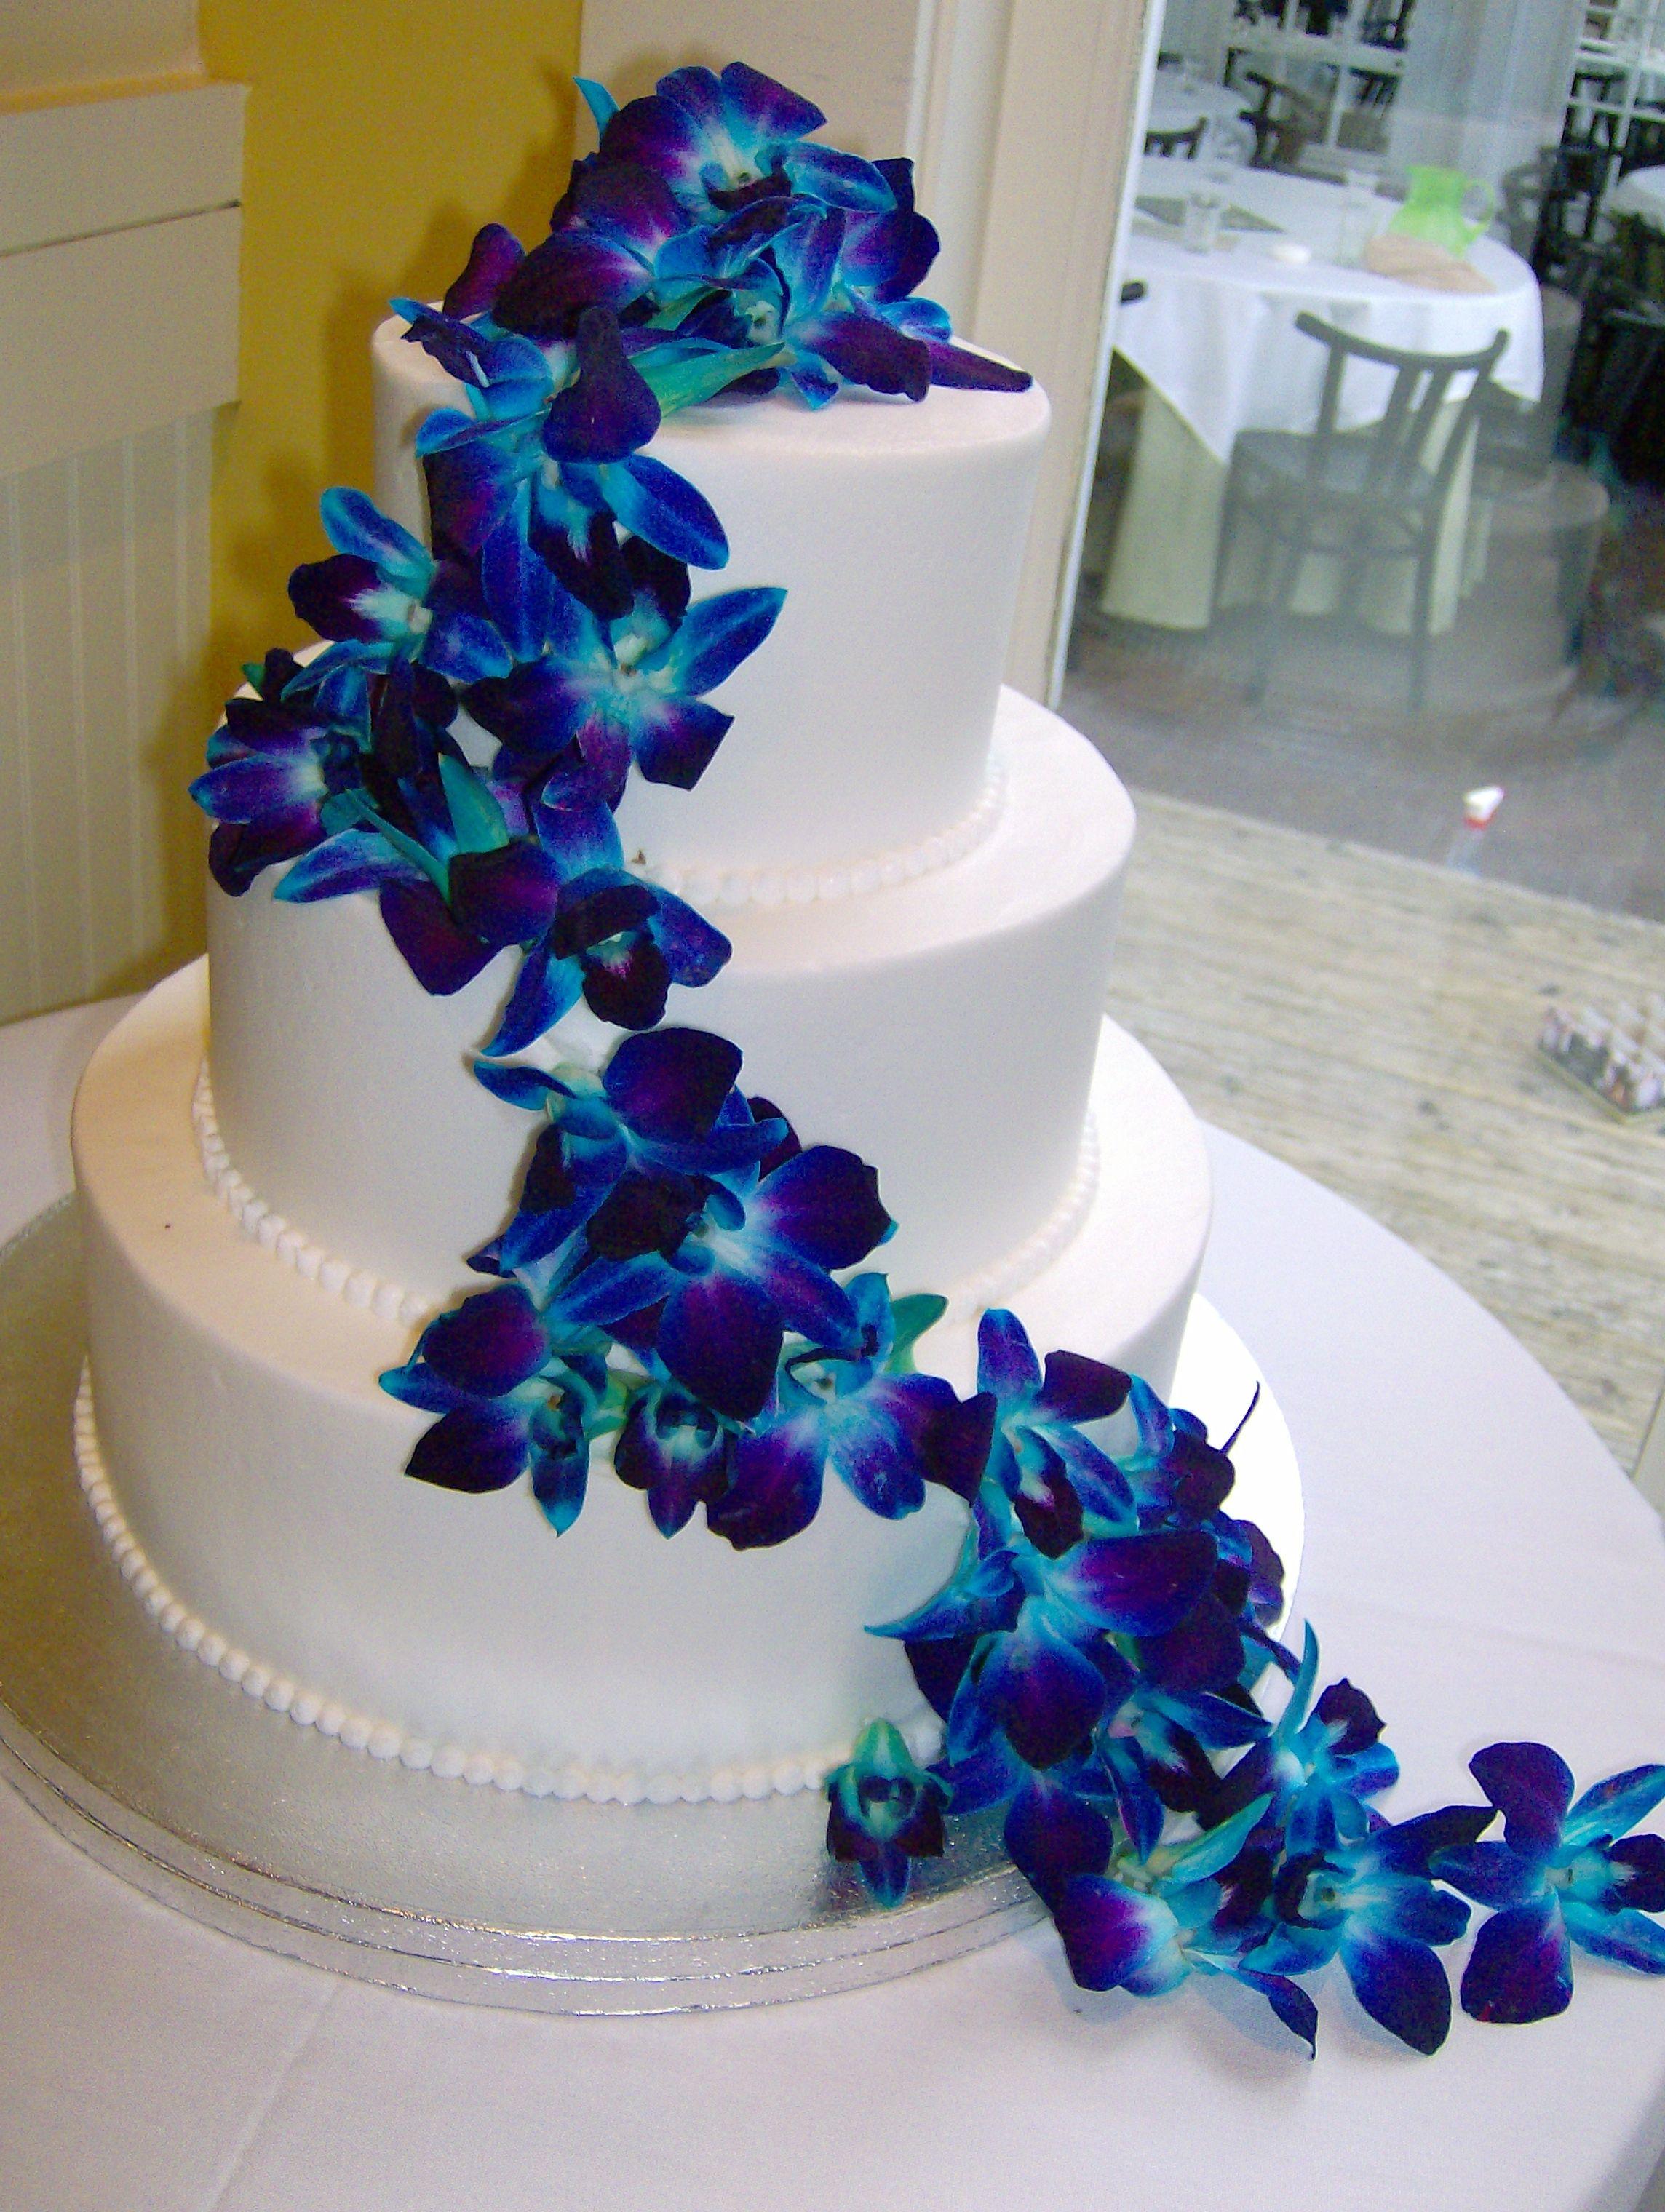 Blue dendro cake :)